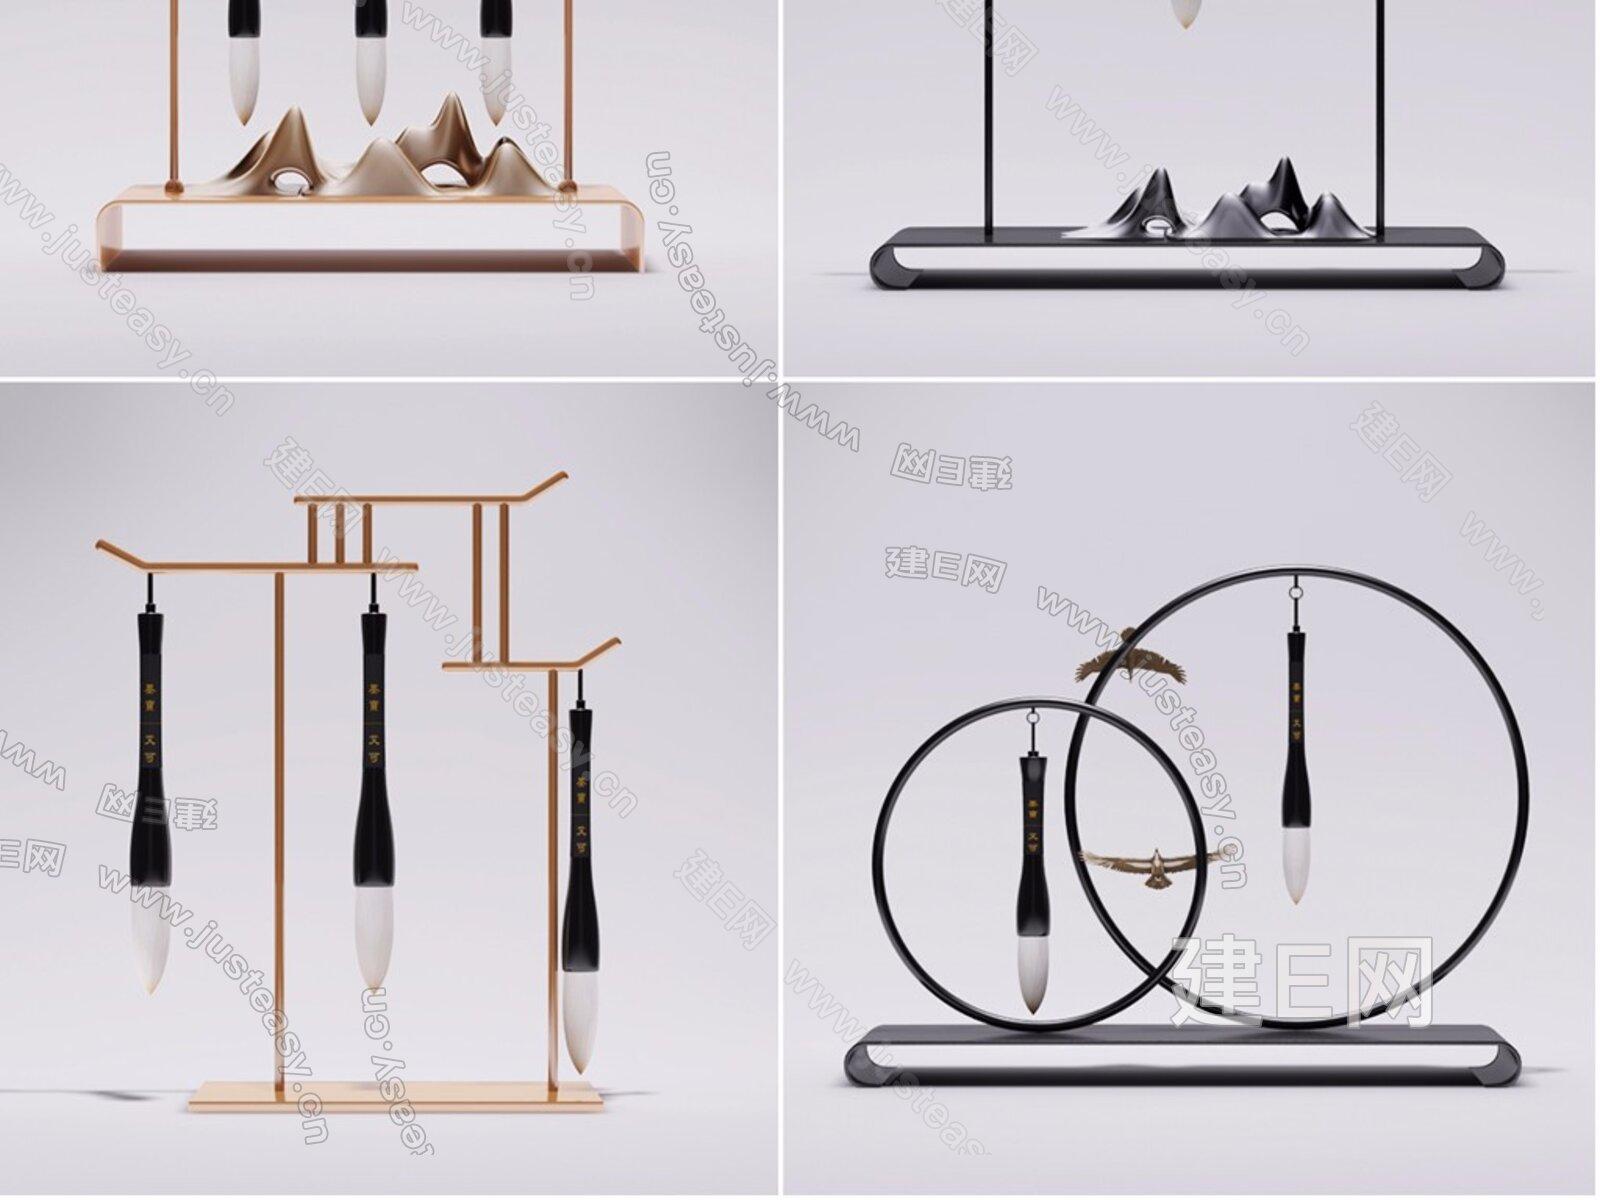 新中式文房四宝毛笔架组合3d模型